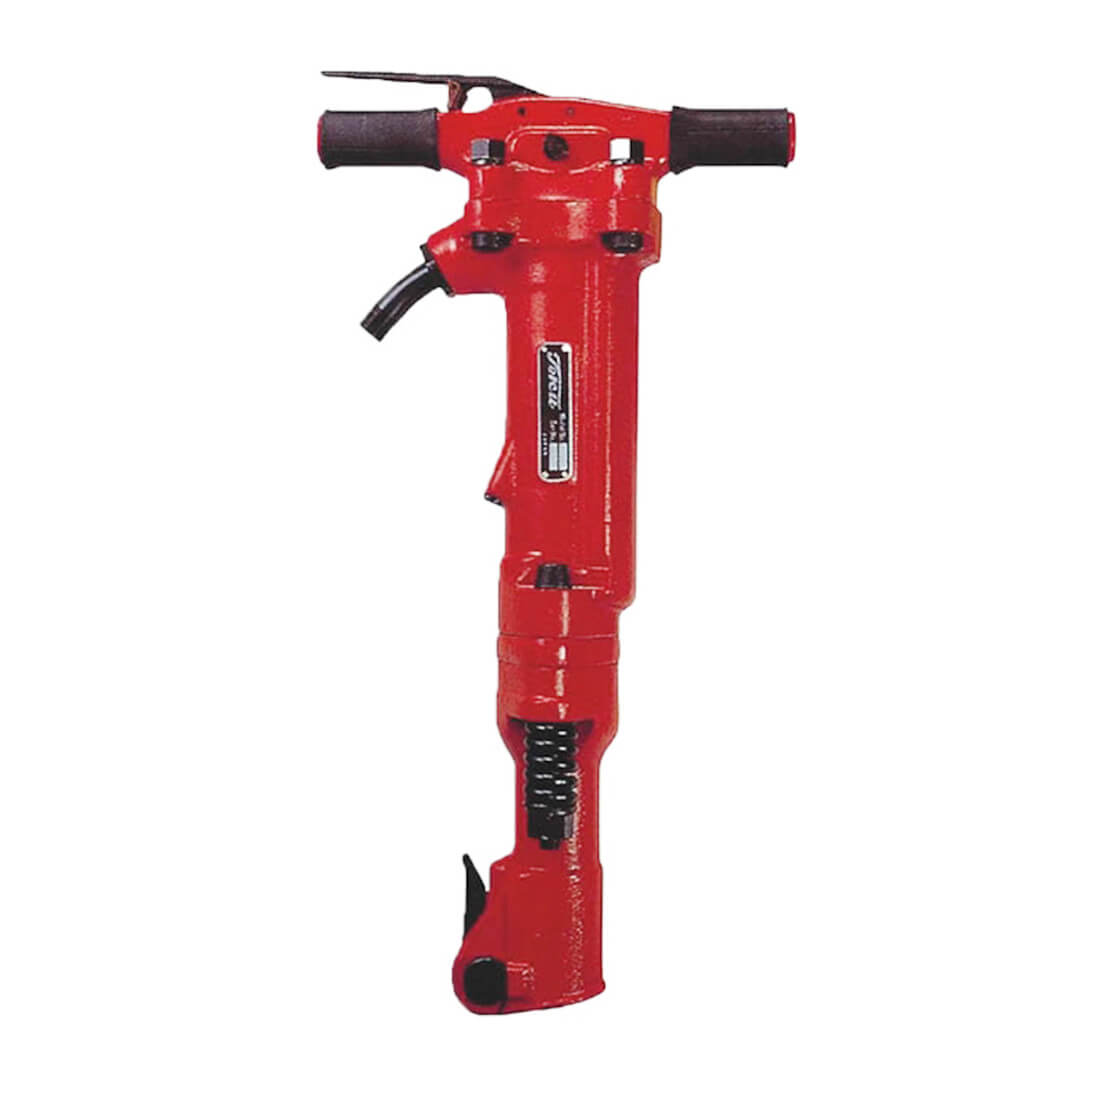 Alquiler de maquinaria para corte, perforación, demolición y martillos